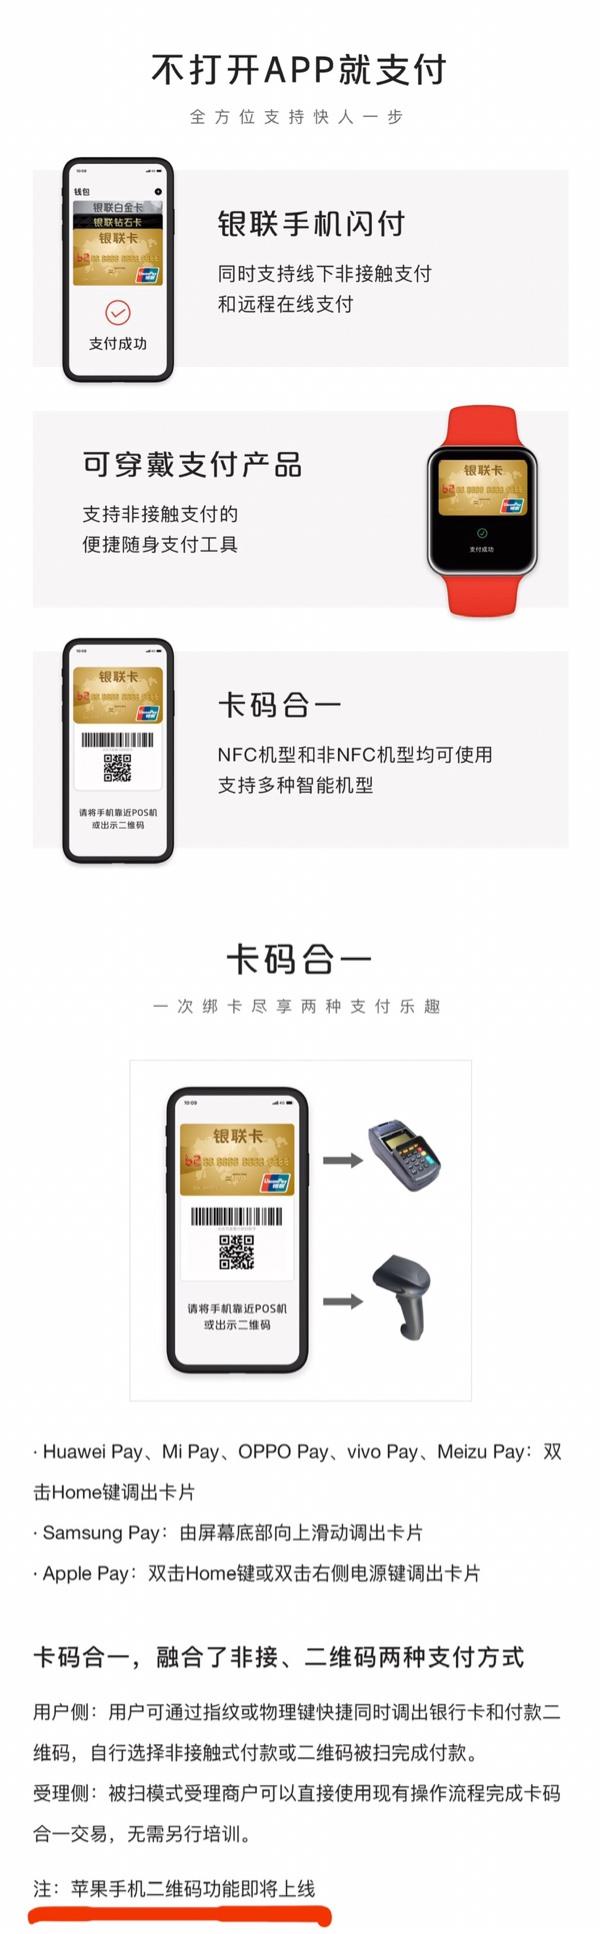 苹果 Apple Pay 银联卡二维码功能或即将上线